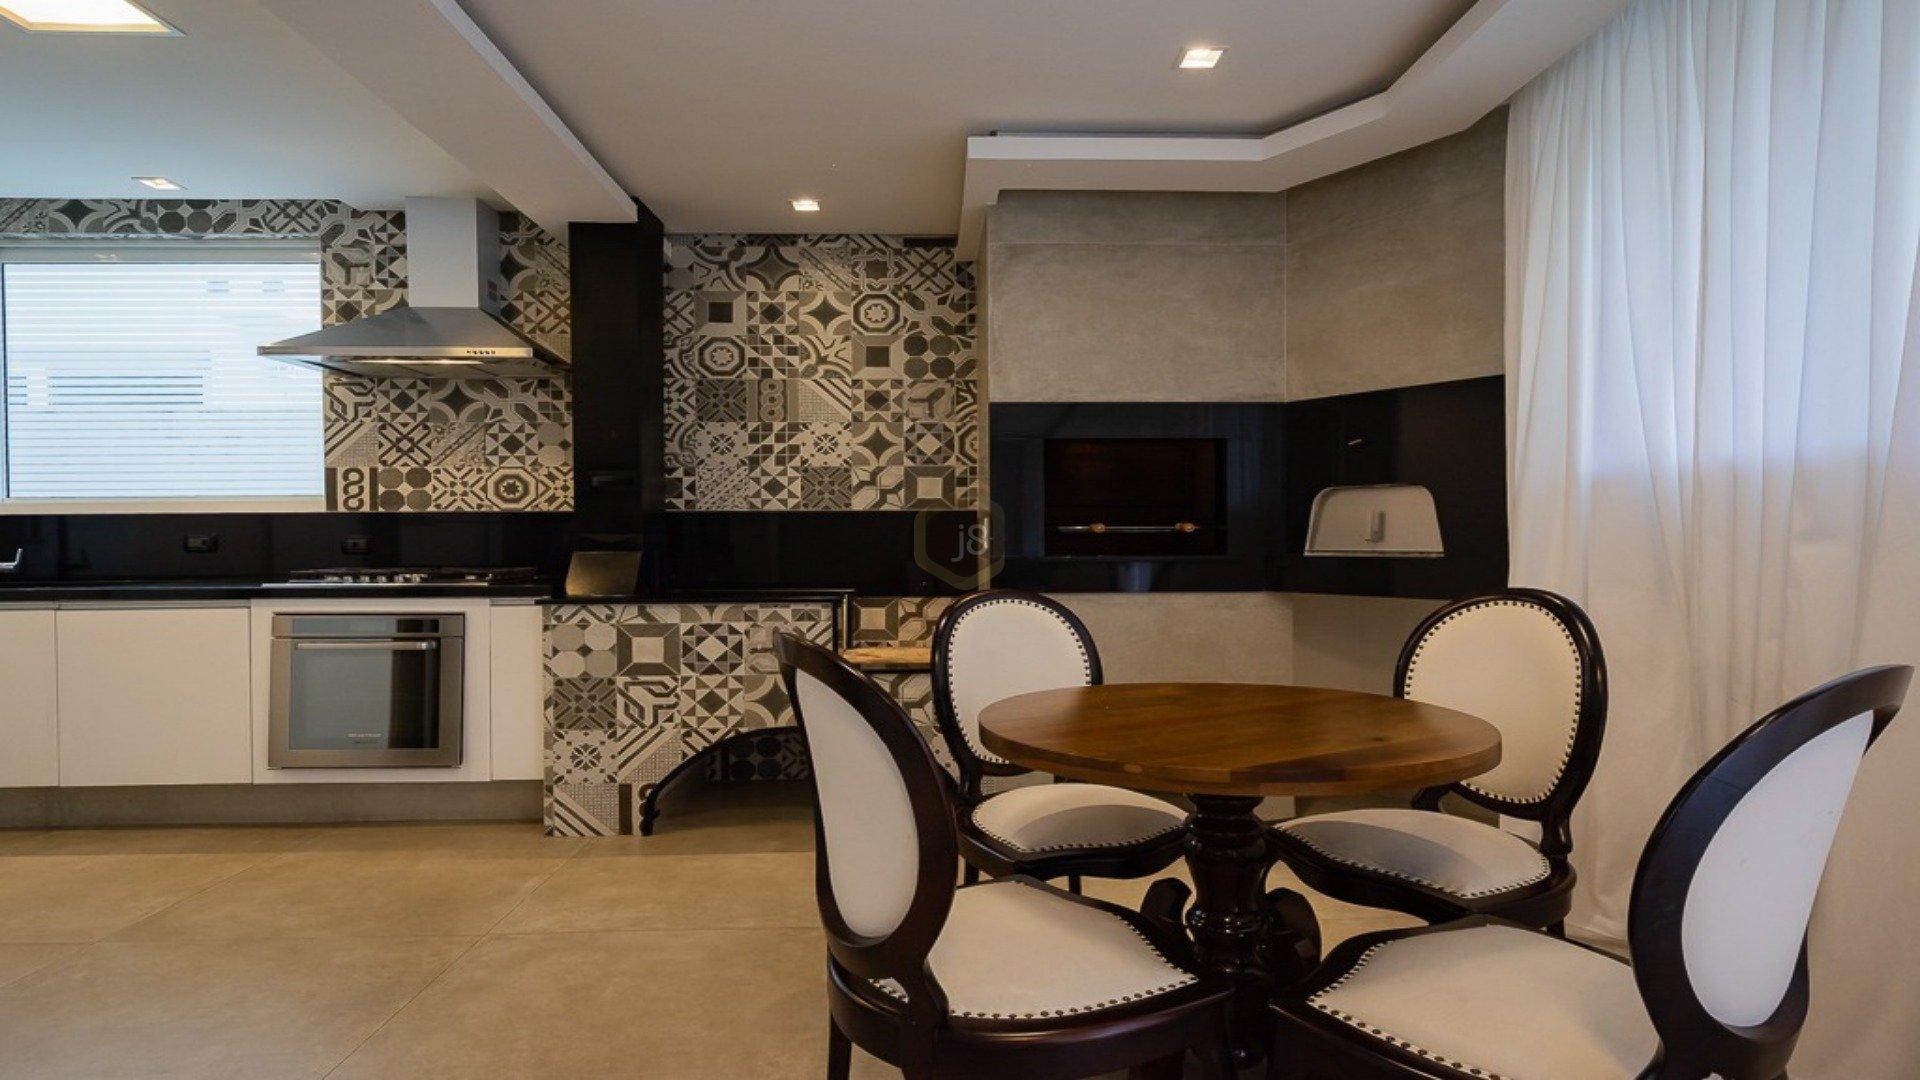 Foto de destaque Espaçosa casa no condominio provence!